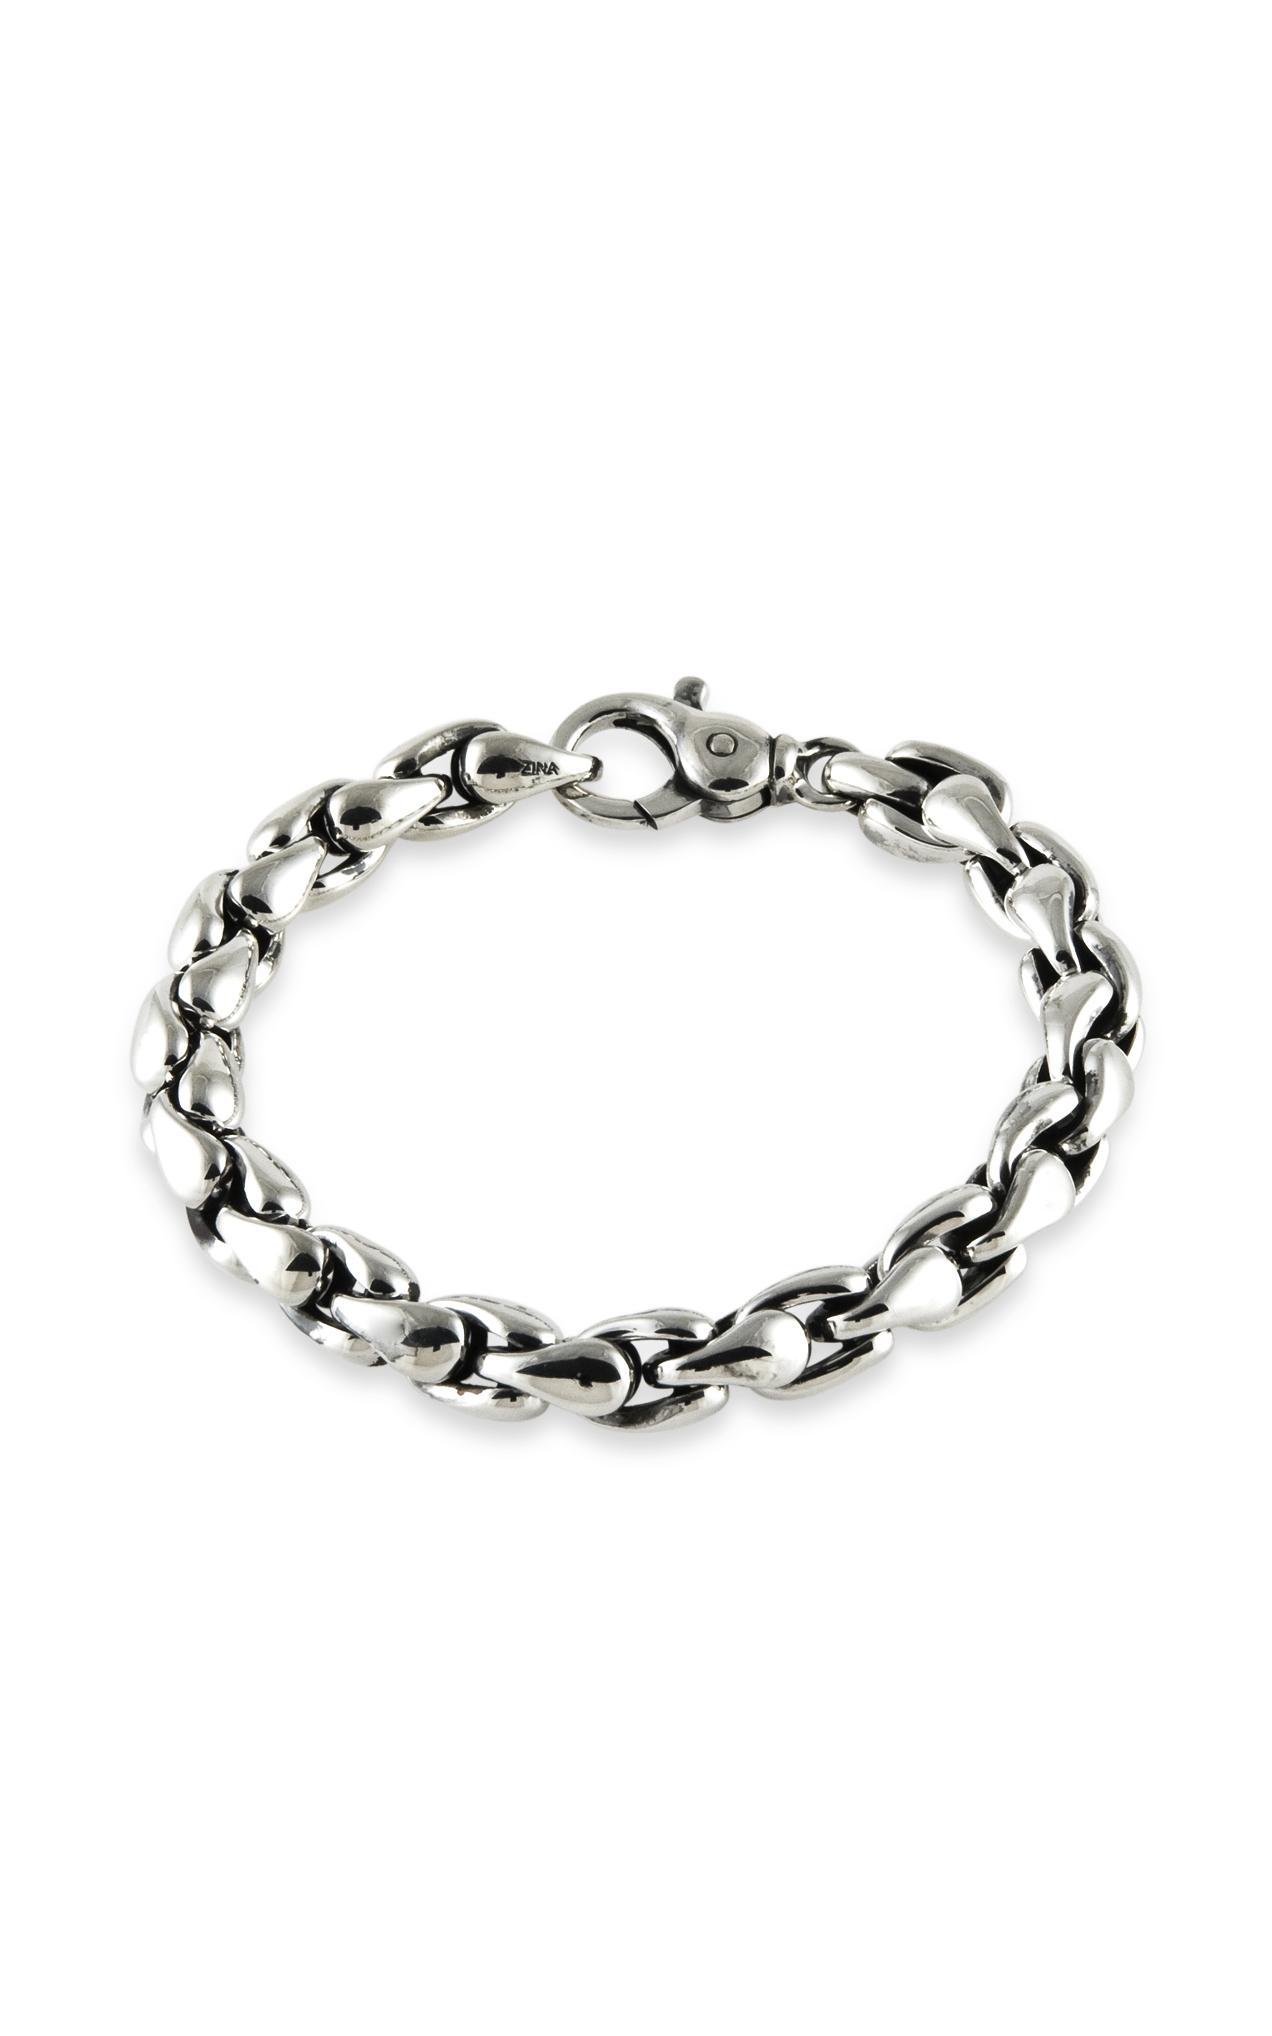 Zina Men's Bracelet A493-8.5 product image